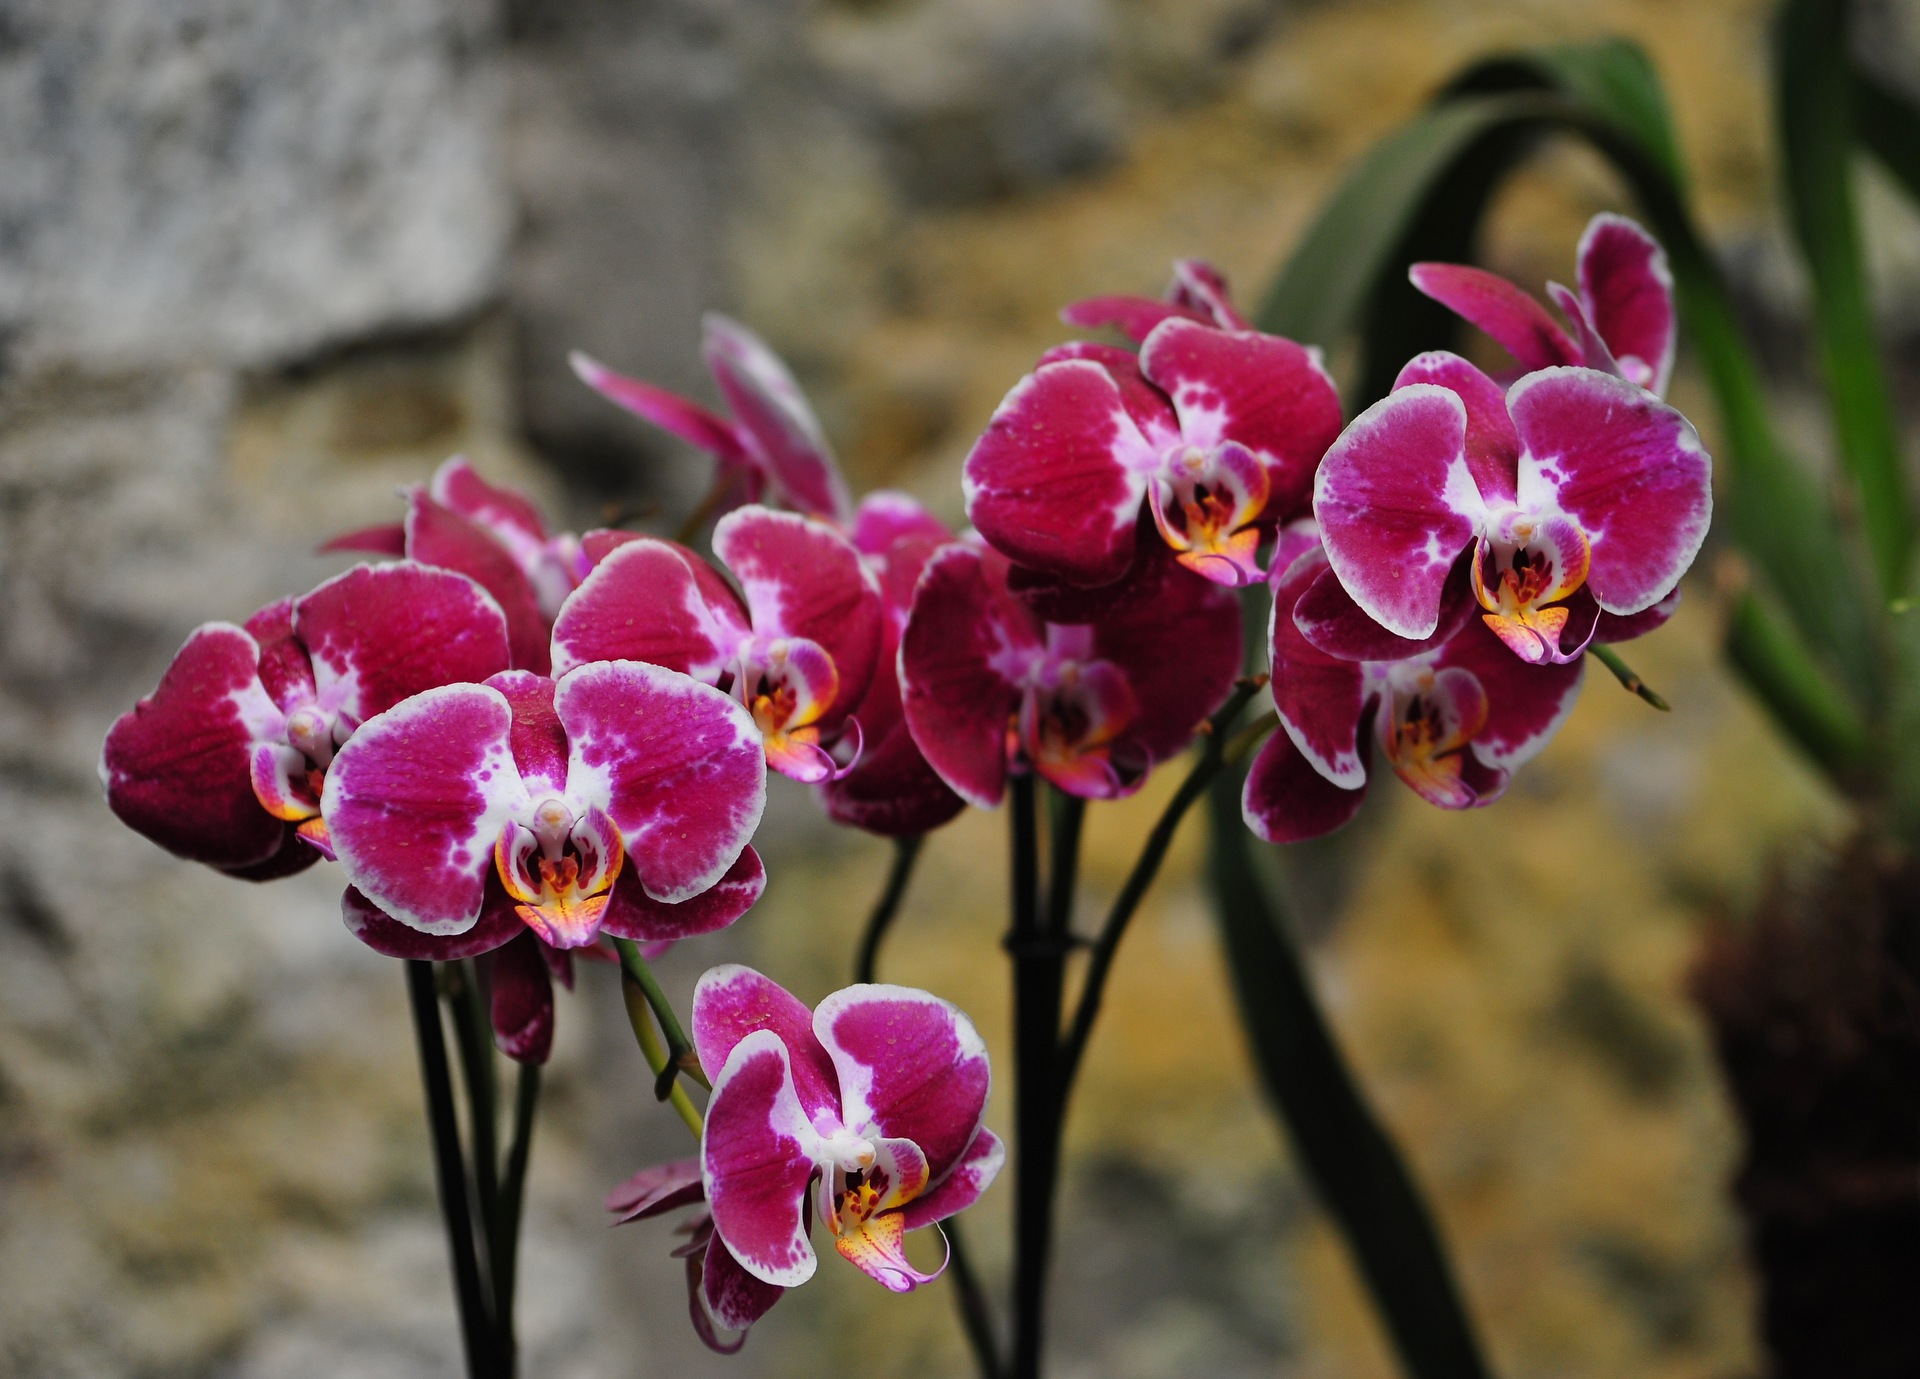 картинки орхидей на ножке данном разделе сайта